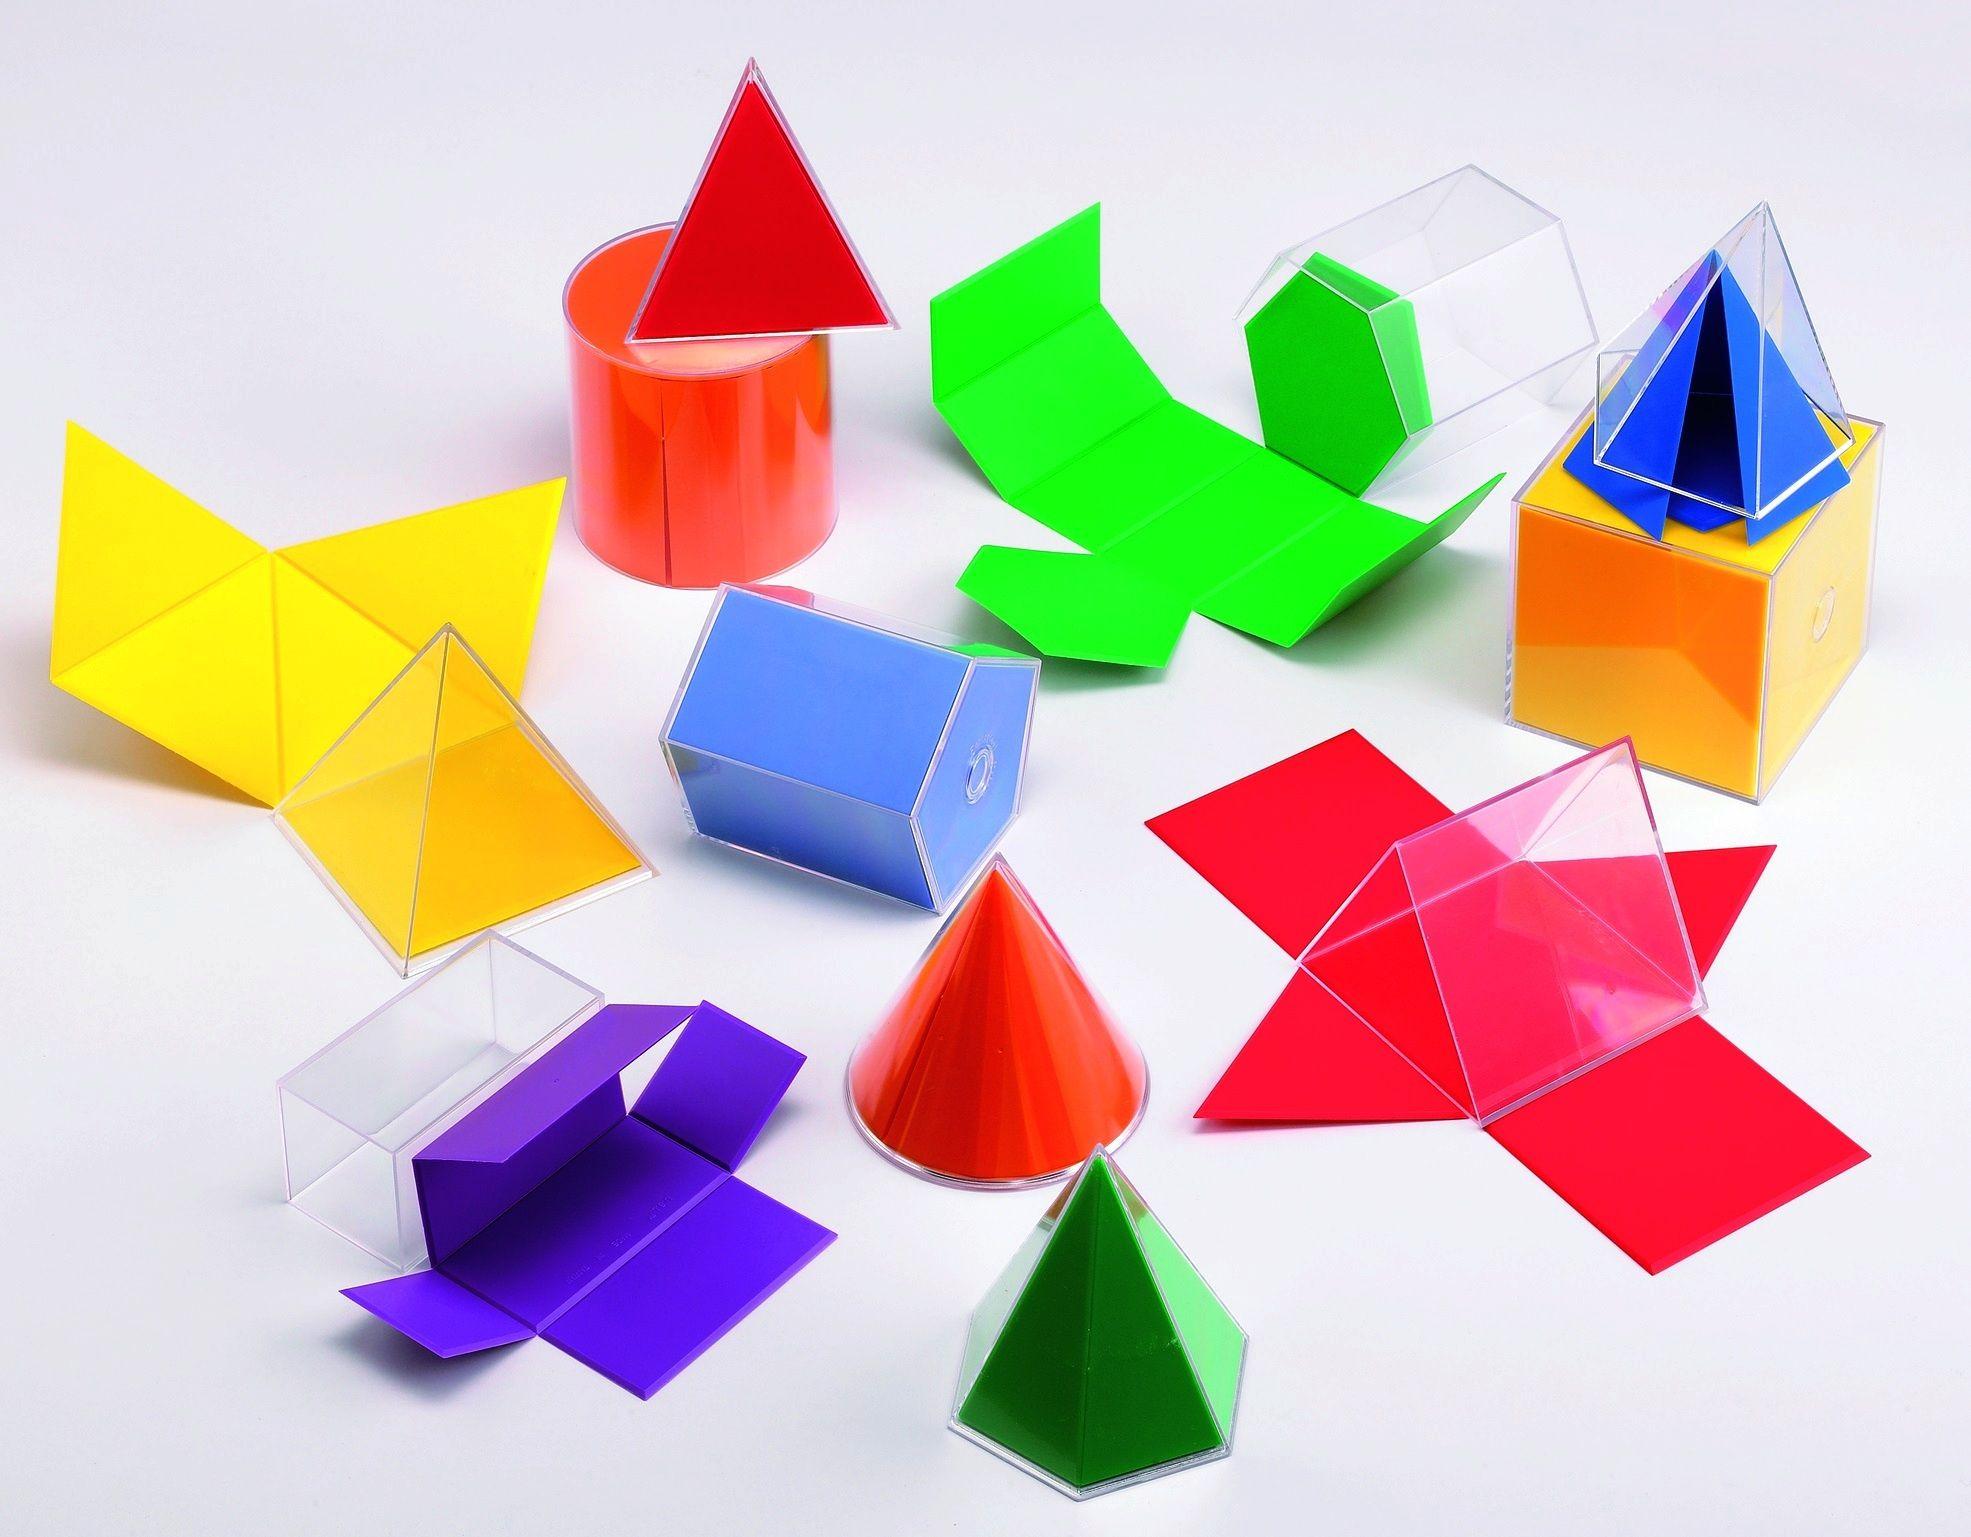 3d Geometric Figures Folding Nets